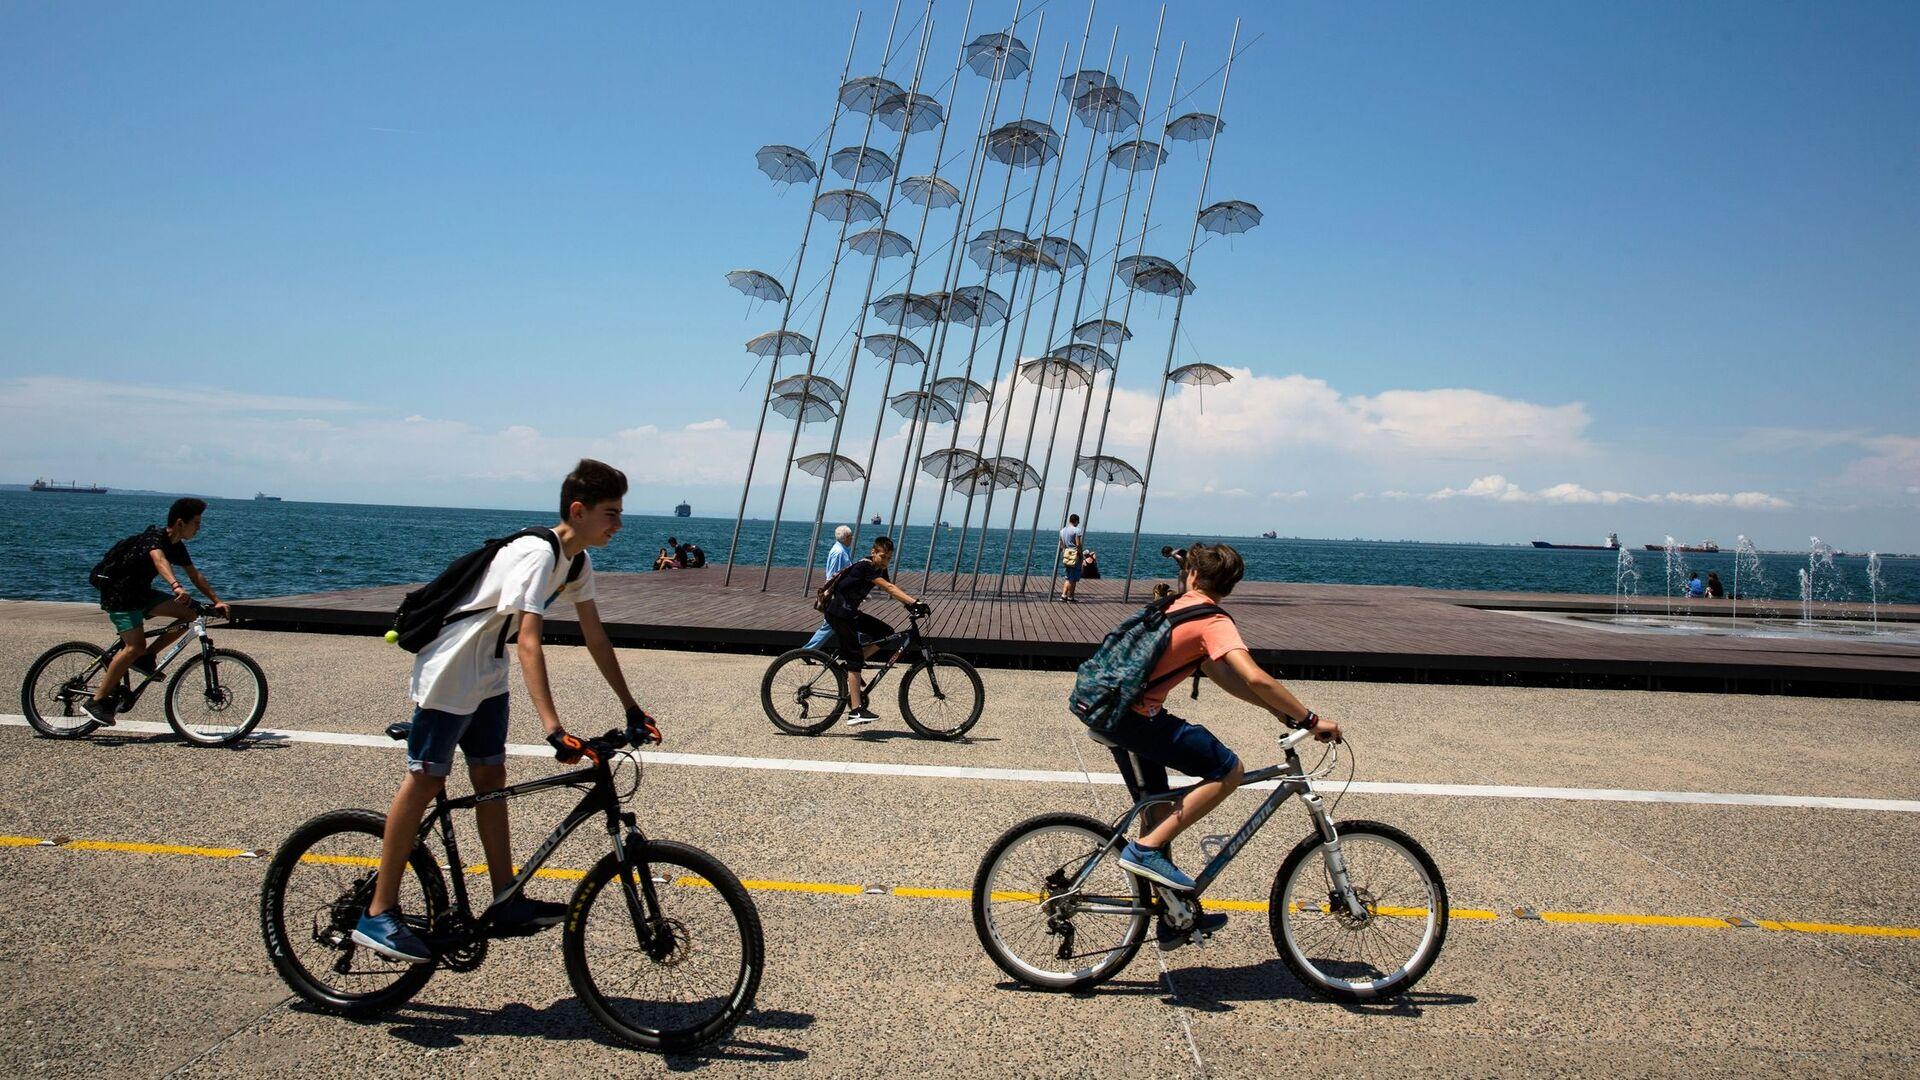 Ποδηλάτες στην παραλία της Θεσσαλονίκης, Ελλάδα, 10 Ιουνίου 2016. - Sputnik Ελλάδα, 1920, 29.08.2021